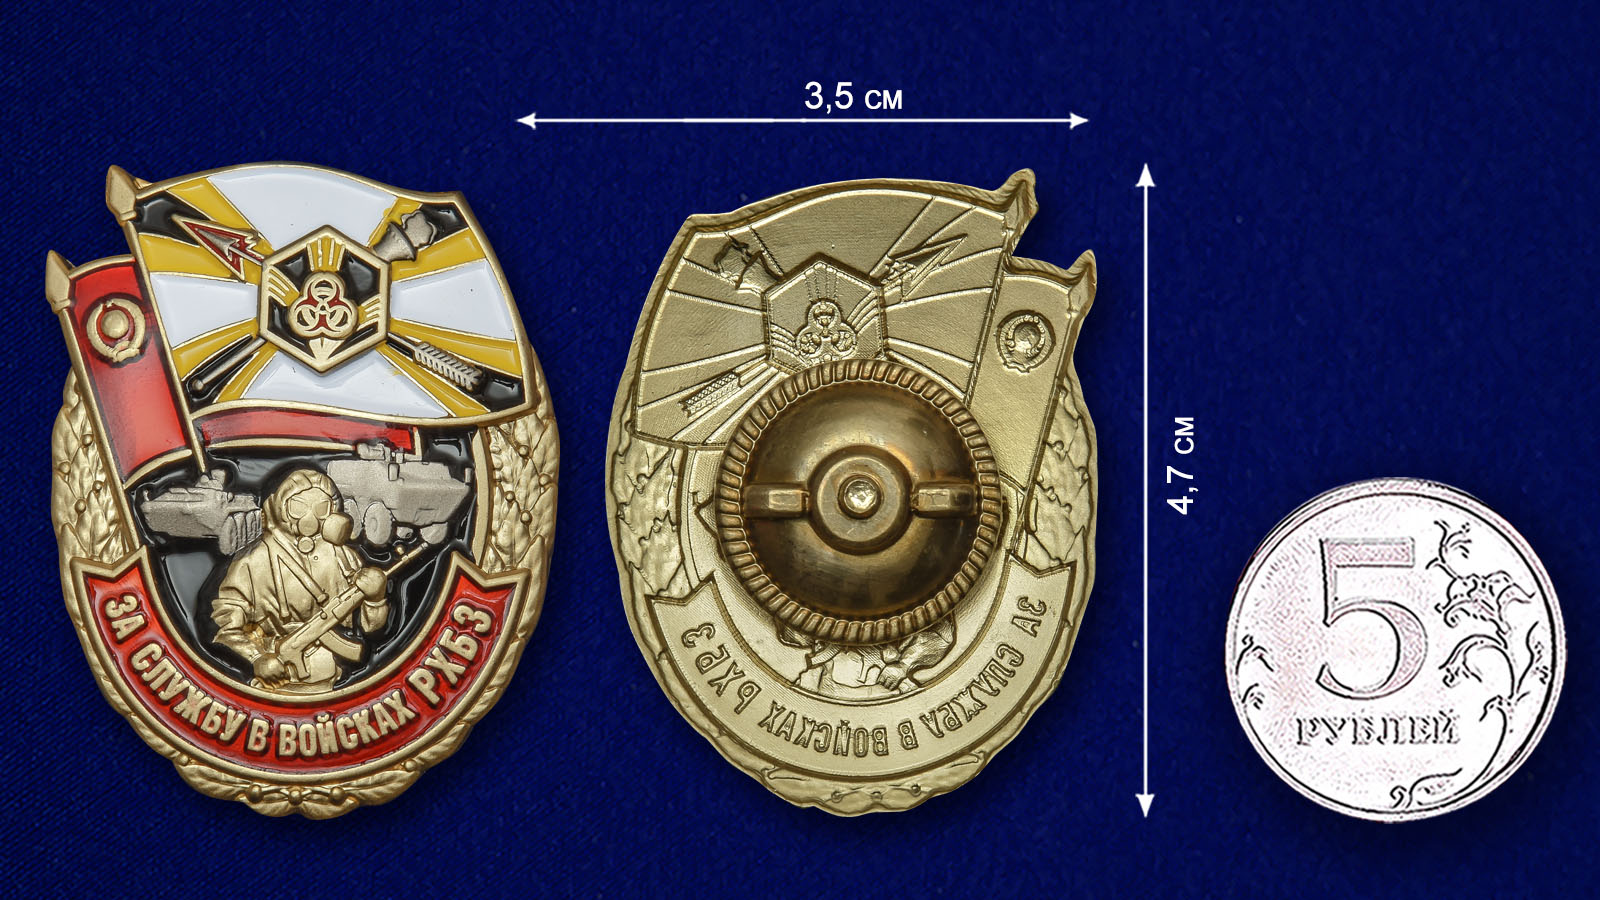 Наградной знак За службу в войсках РХБЗ - сравнительный вид